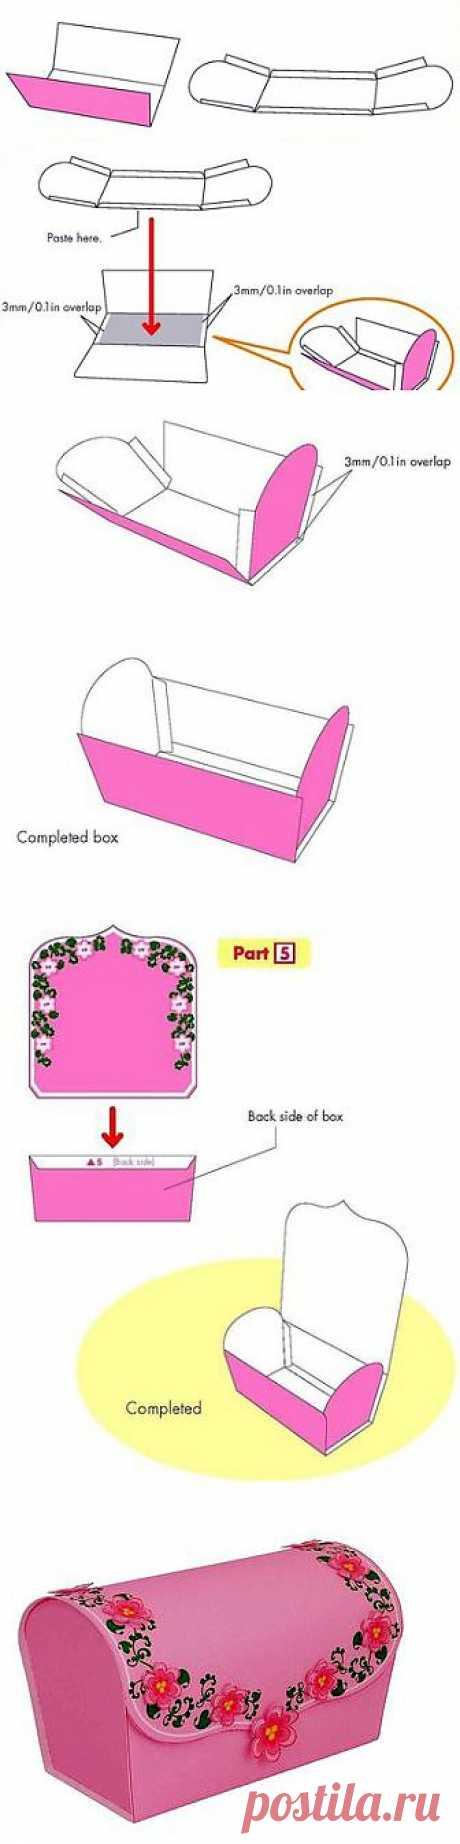 Изготовление Бонбоньерки / Работа с бумагой / PassionForum - мастер-классы по рукоделию